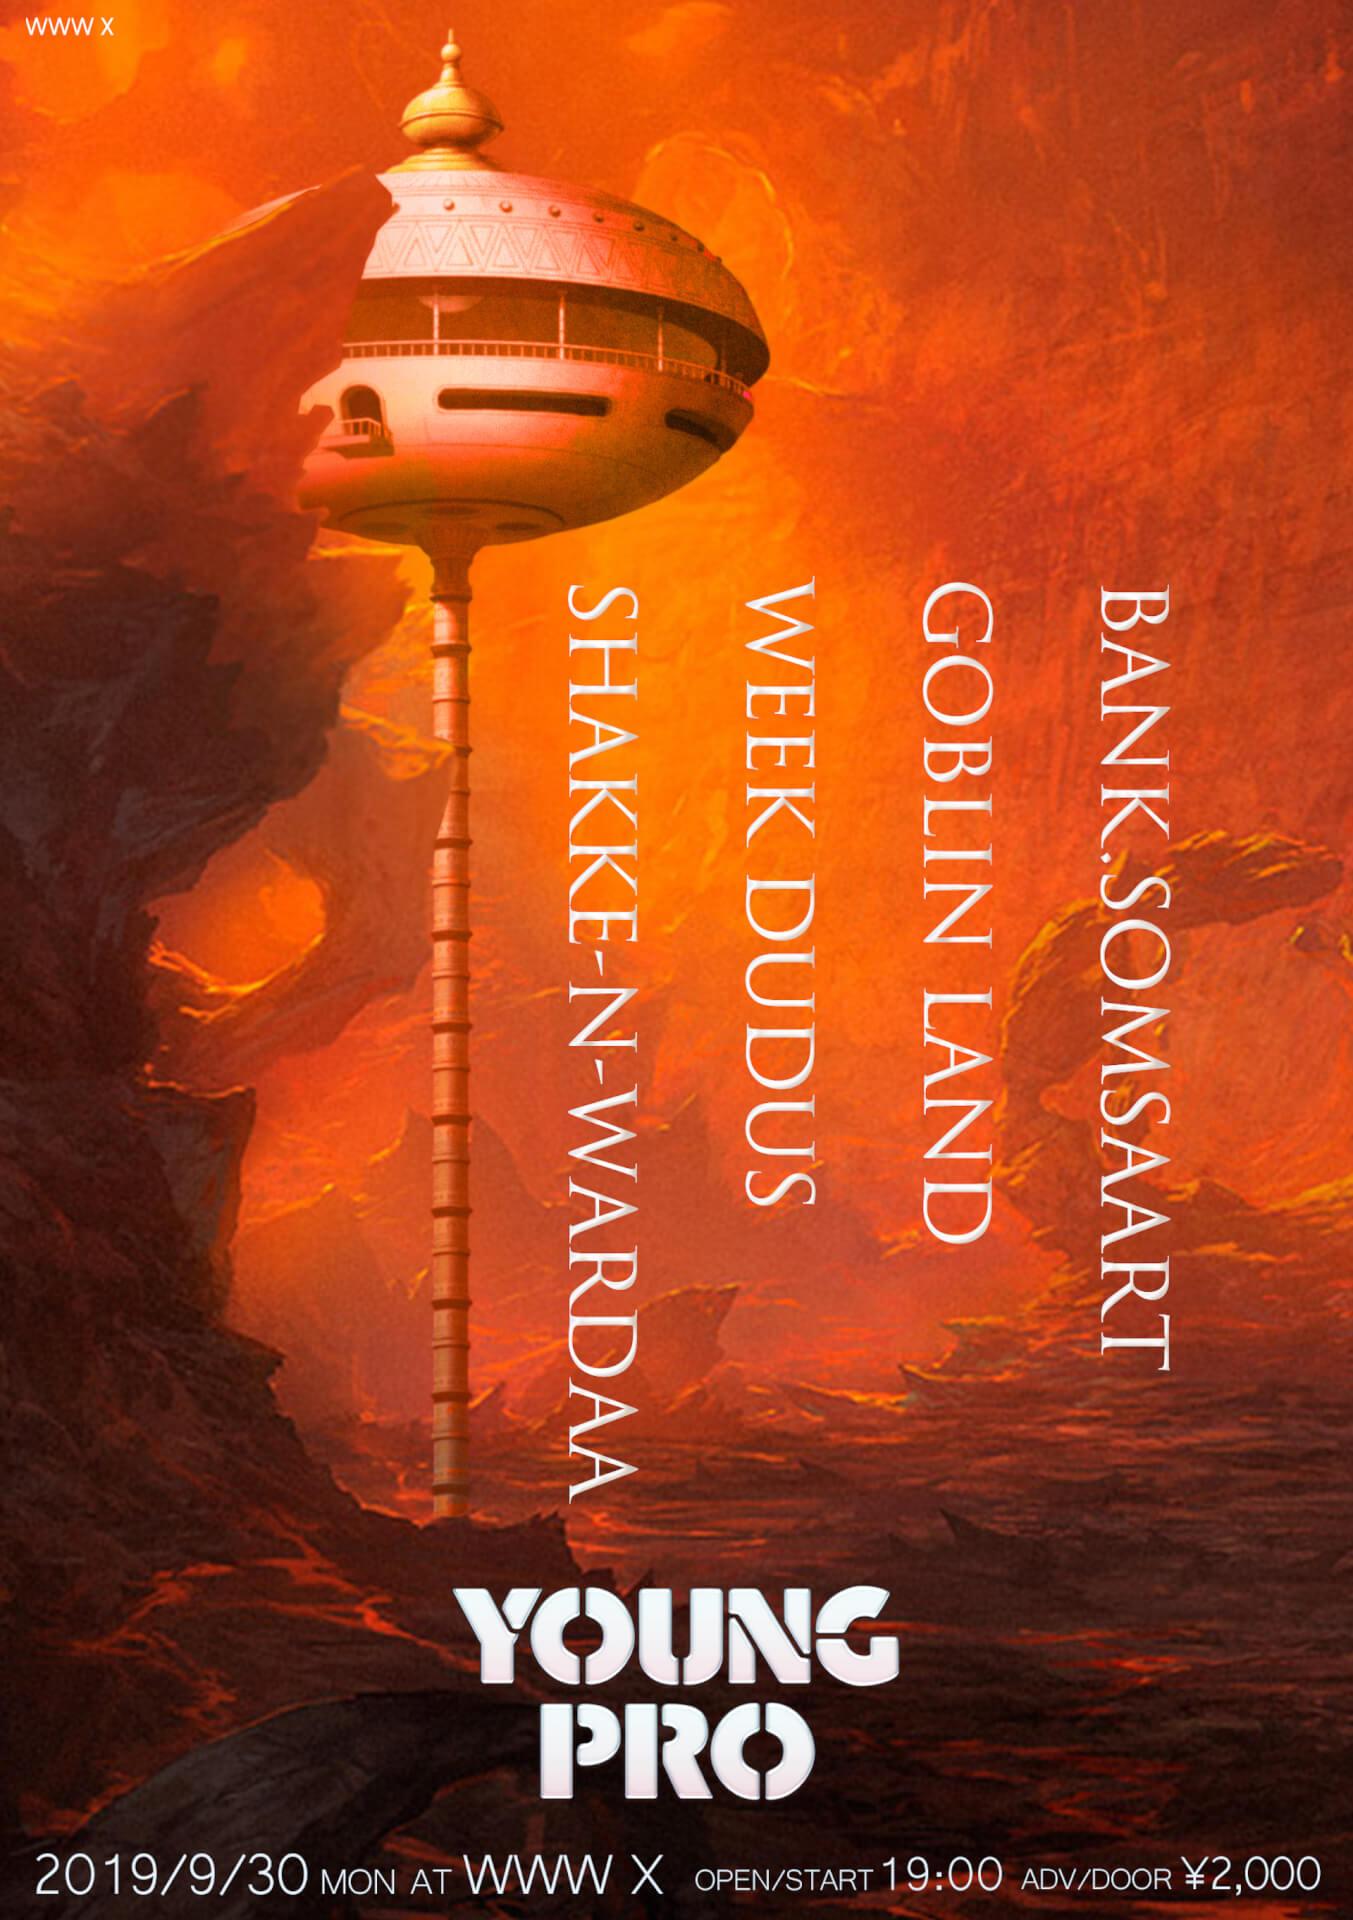 フレッシュ&プログレッシブなヒップホップパーティ<YOUNG PRO>の第2回が9月末に開催|Bank. Somsaart、GOBLIN LAND、week dudus、shakke-n-wardaaが登場 music190910-youngpro-1